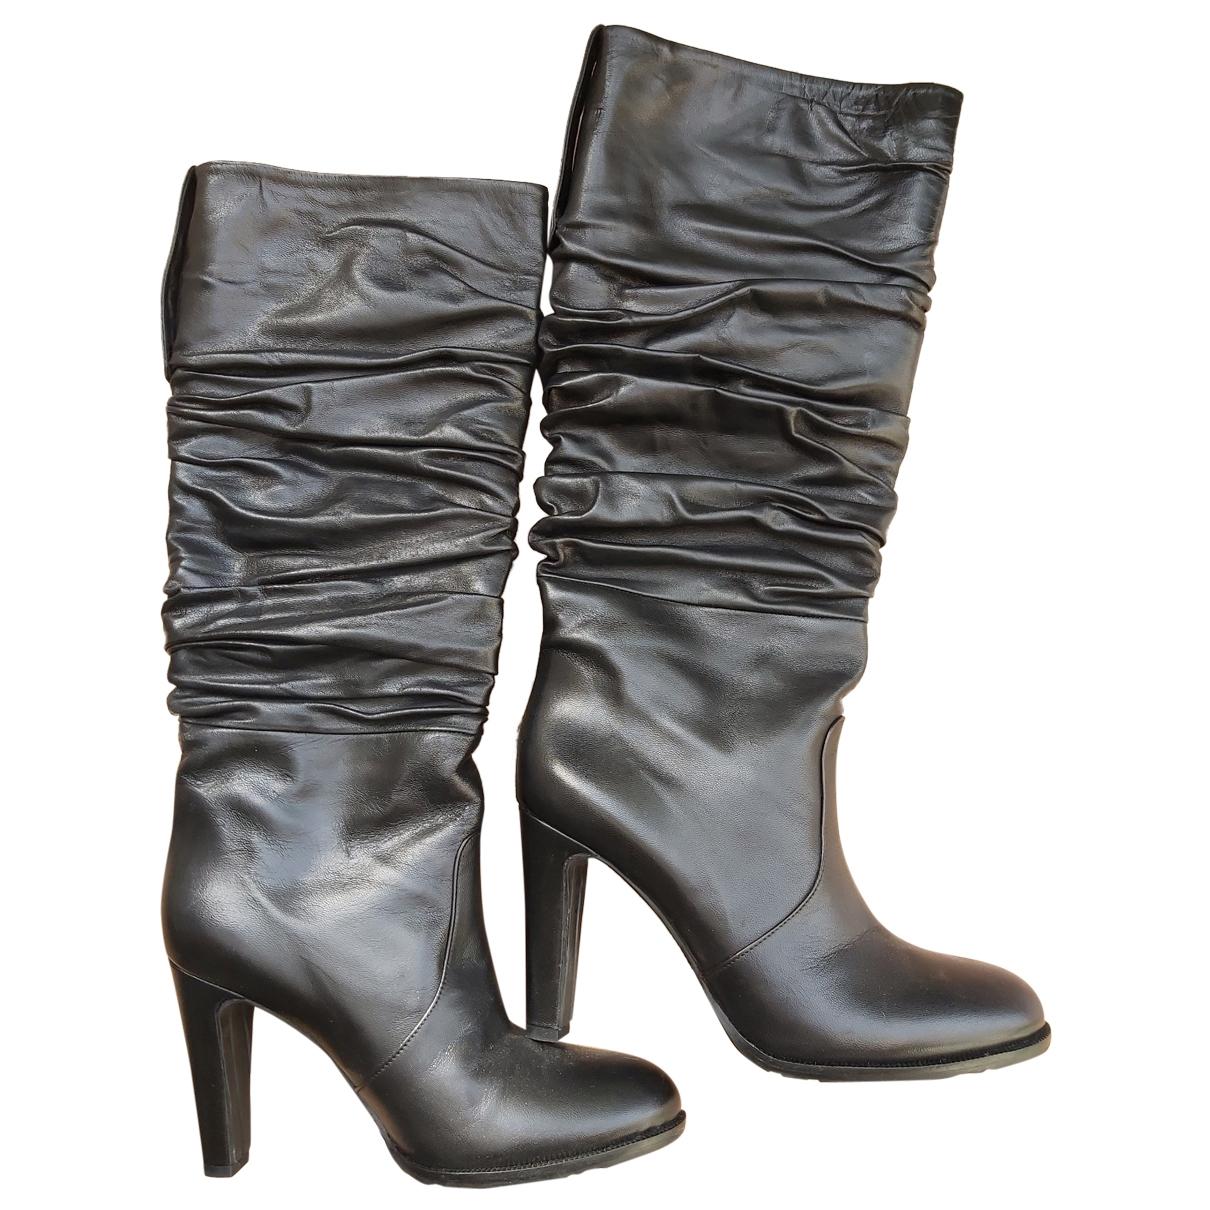 John Richmond - Bottes   pour femme en cuir - noir